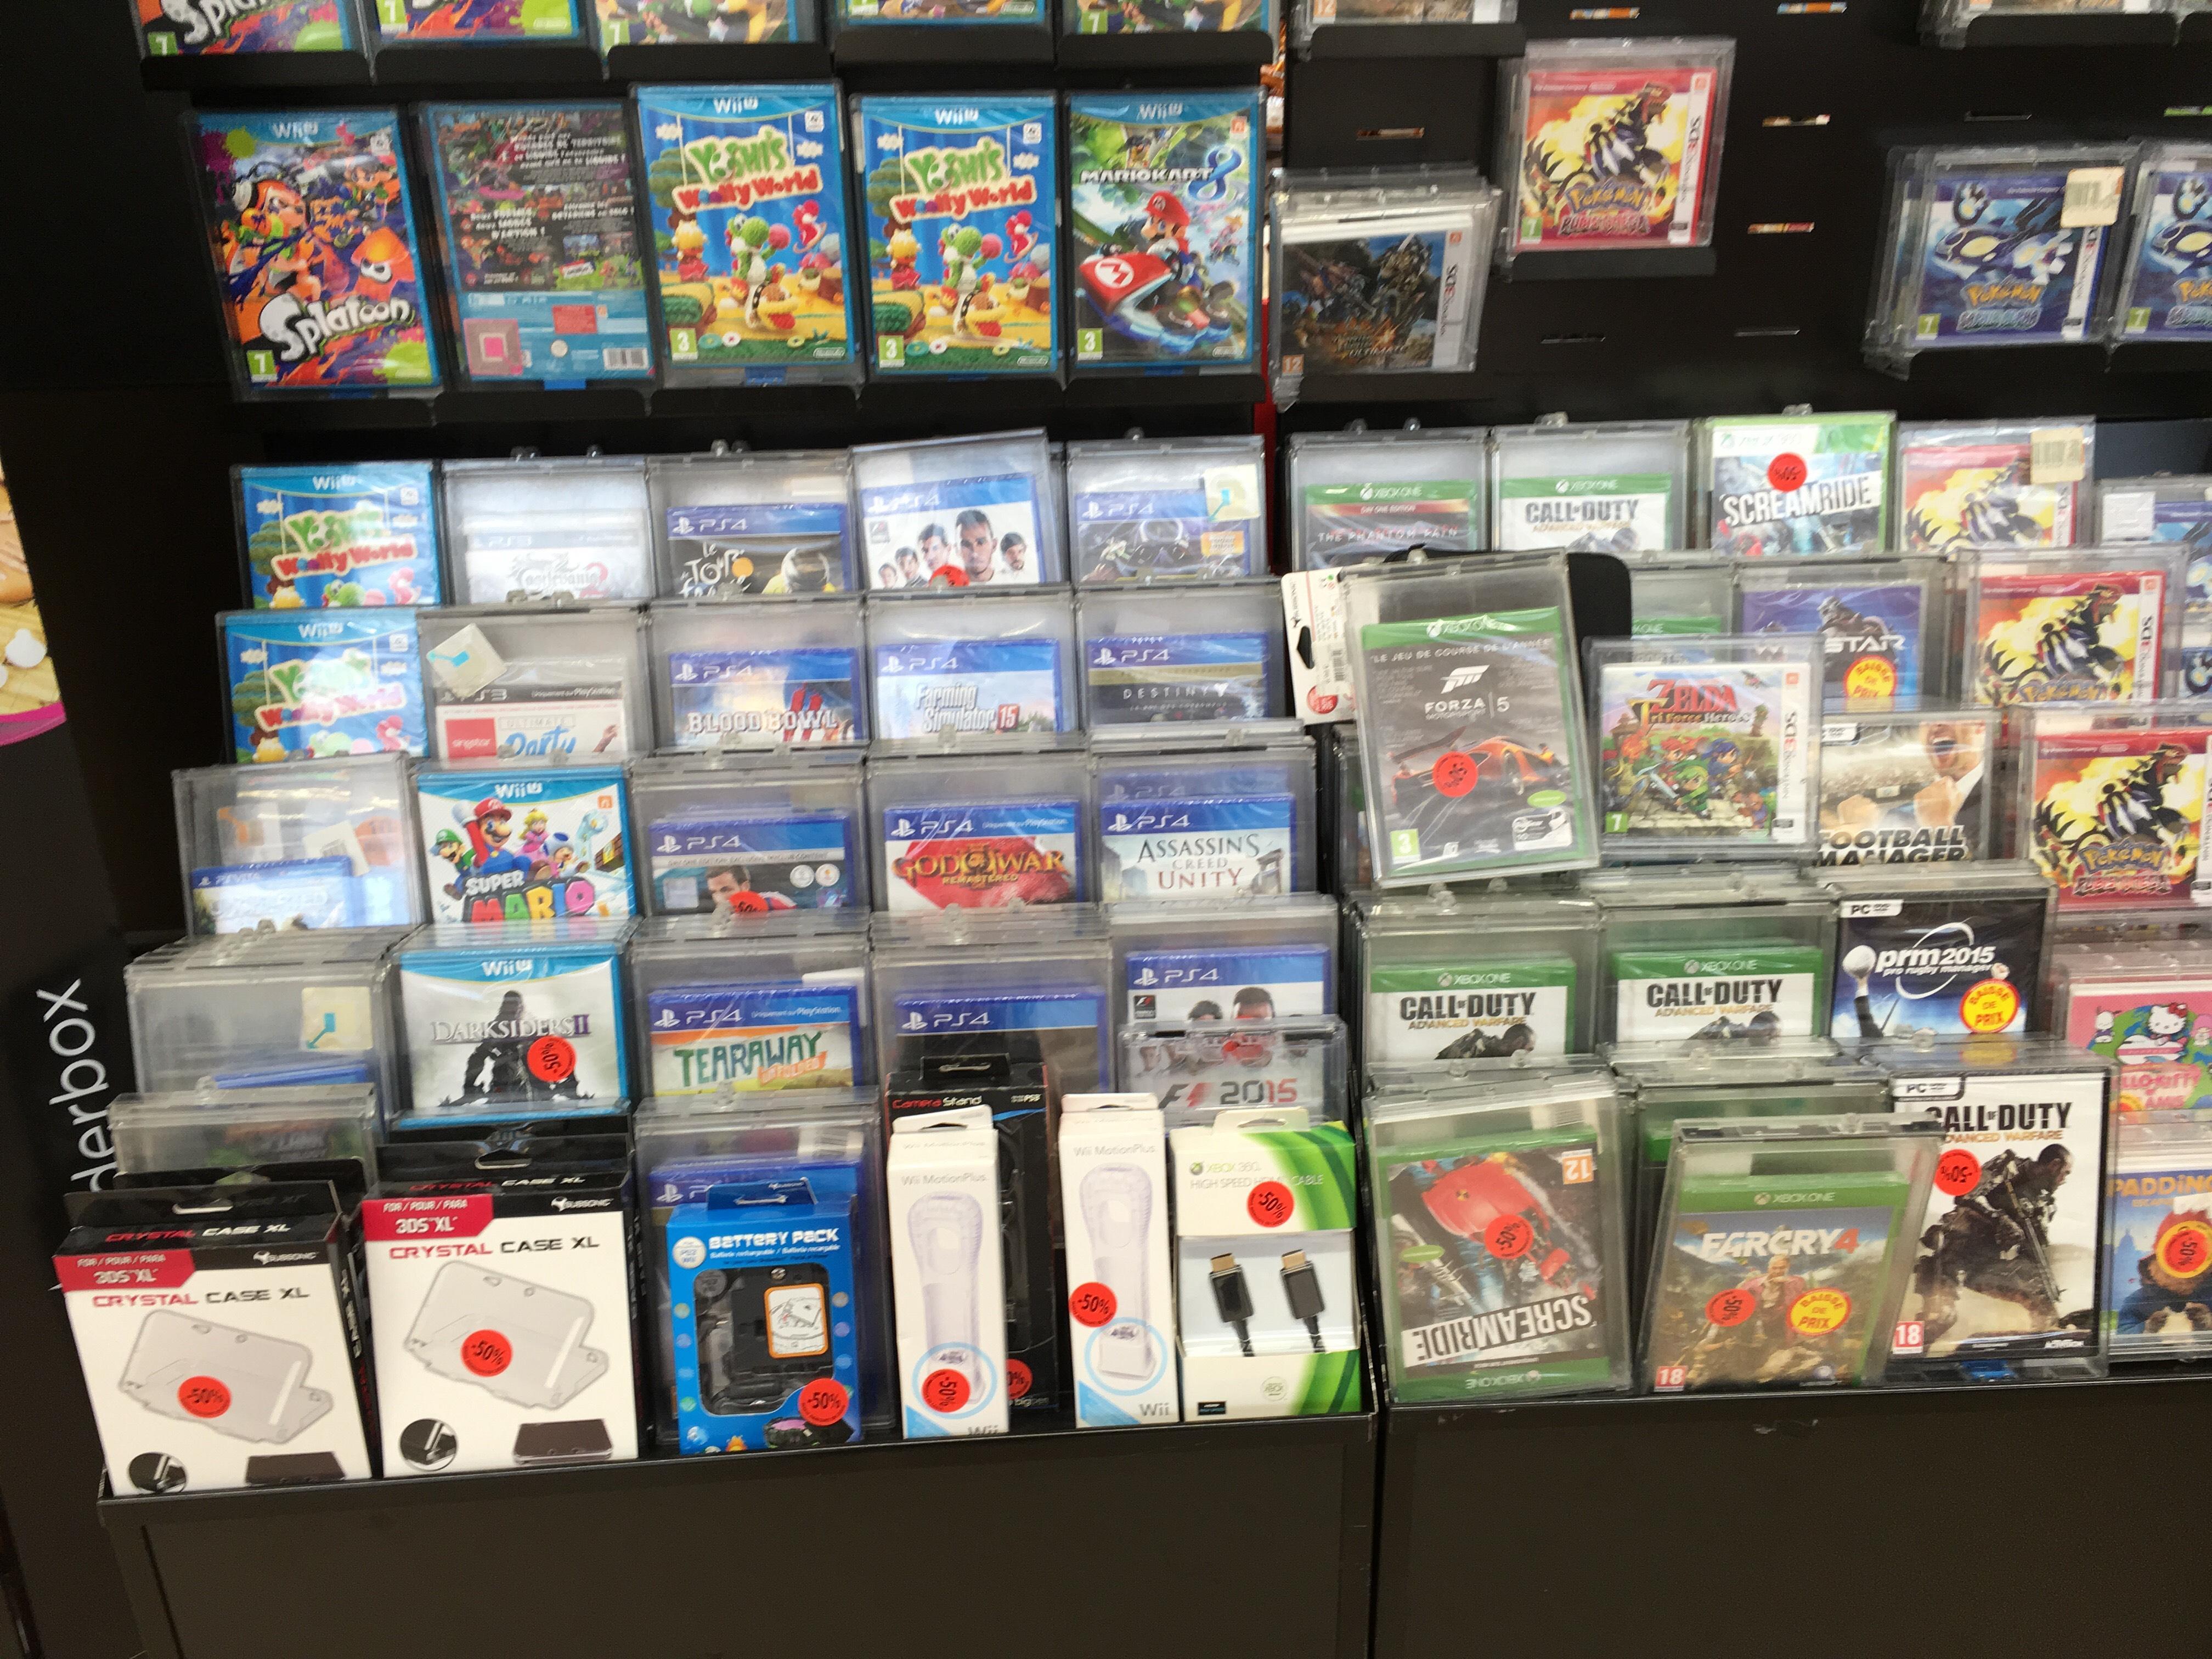 Sélection de jeux vidéo en promotion - Ex : Jeu Forza 5 sur Xbox One